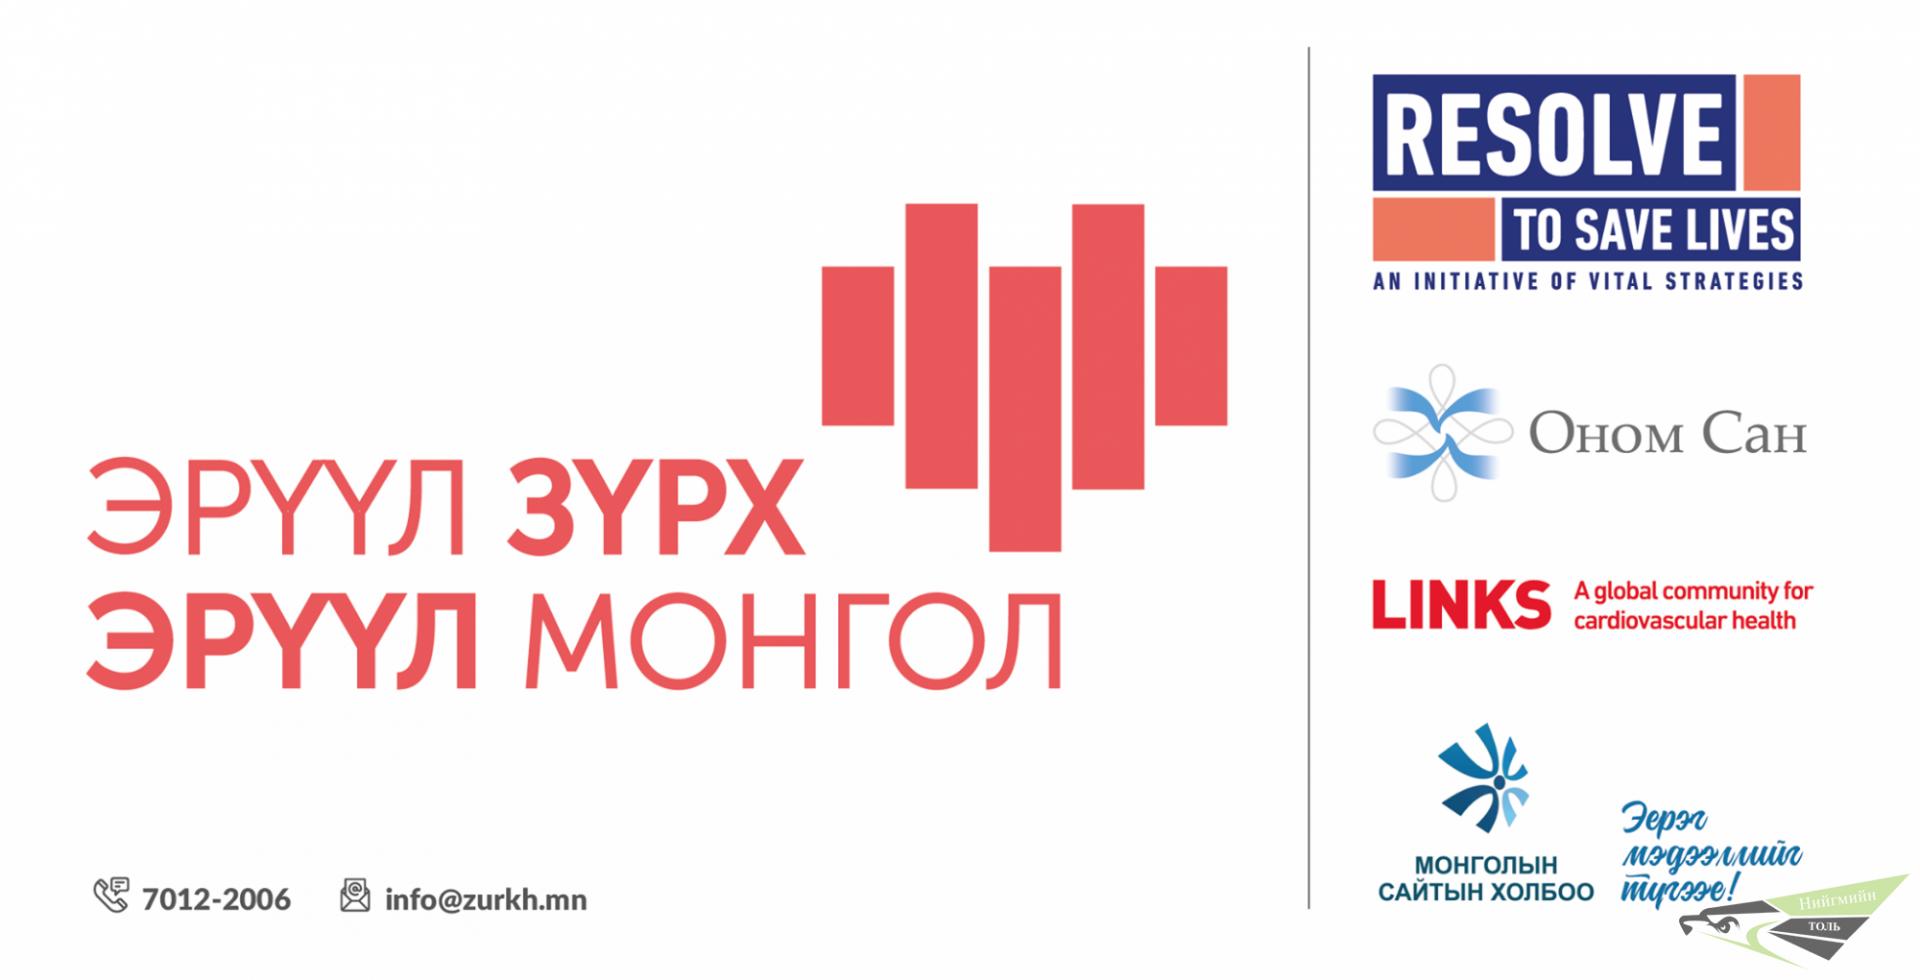 Эрүүл зүрх- Эрүүл Монгол хөтөлбөр орон даяар хэрэгжиж эхэллээ